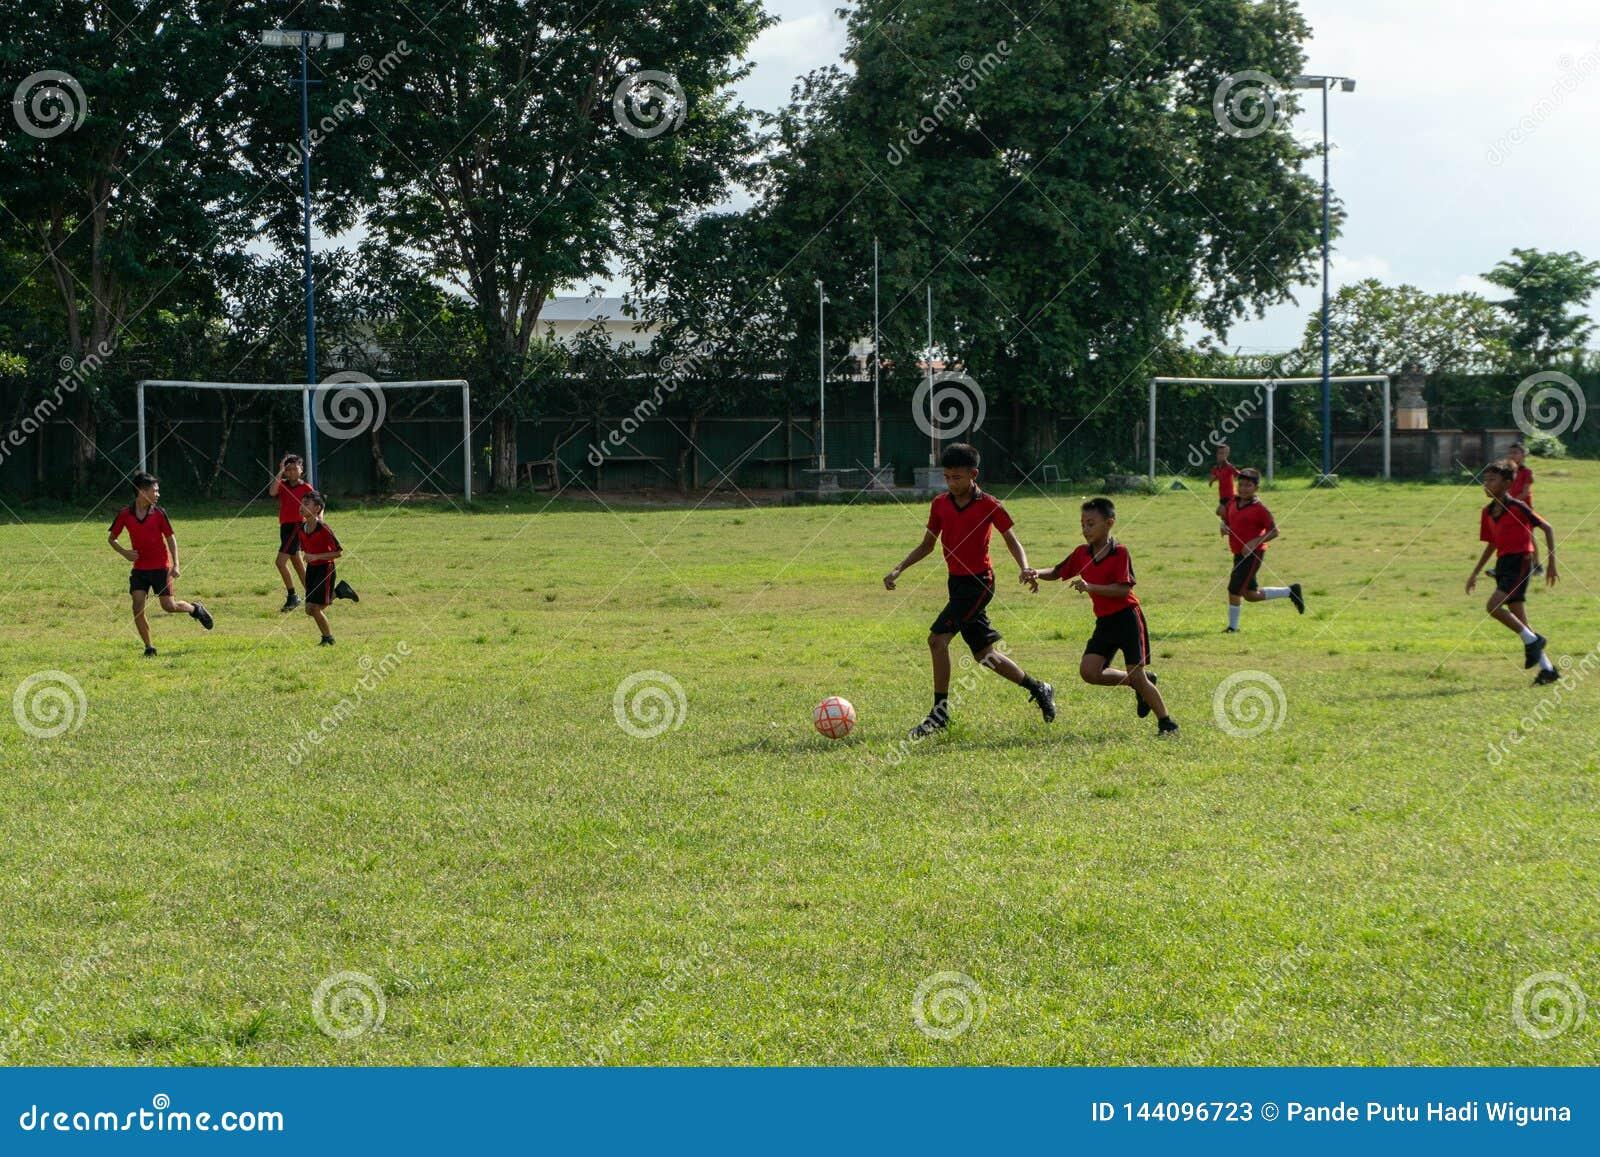 BADUNG, 05 BALI/INDONESIA-APRIL 2019: Het de elementaire voetbal of voetbal van het studentenspel op het gebied met rood Jersey